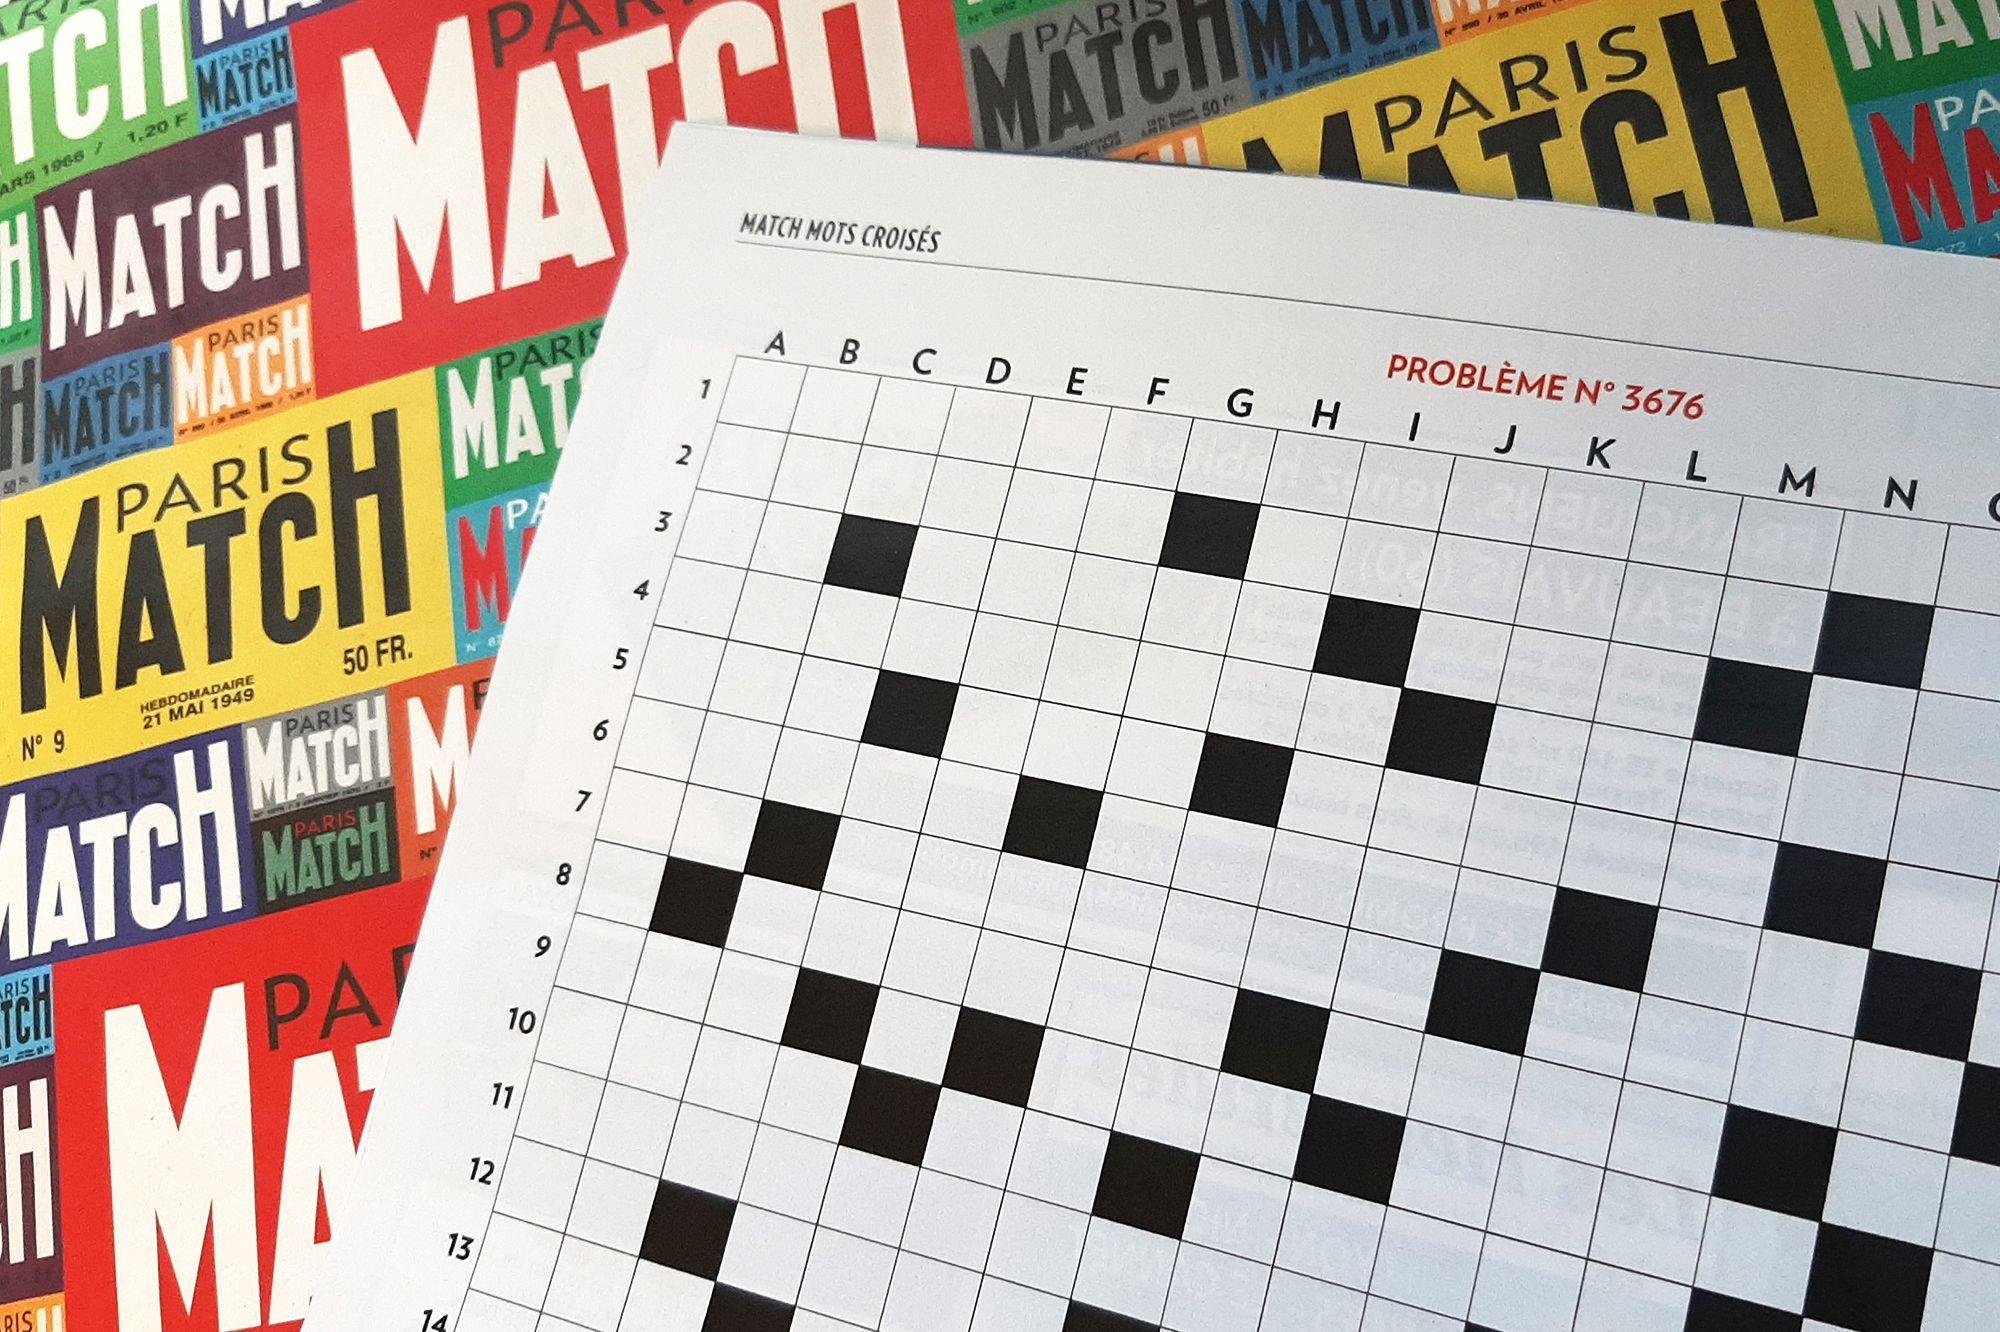 La Solution Des Mots-Croisés De Paris Match N°3676 concernant Solution Mots Fleche